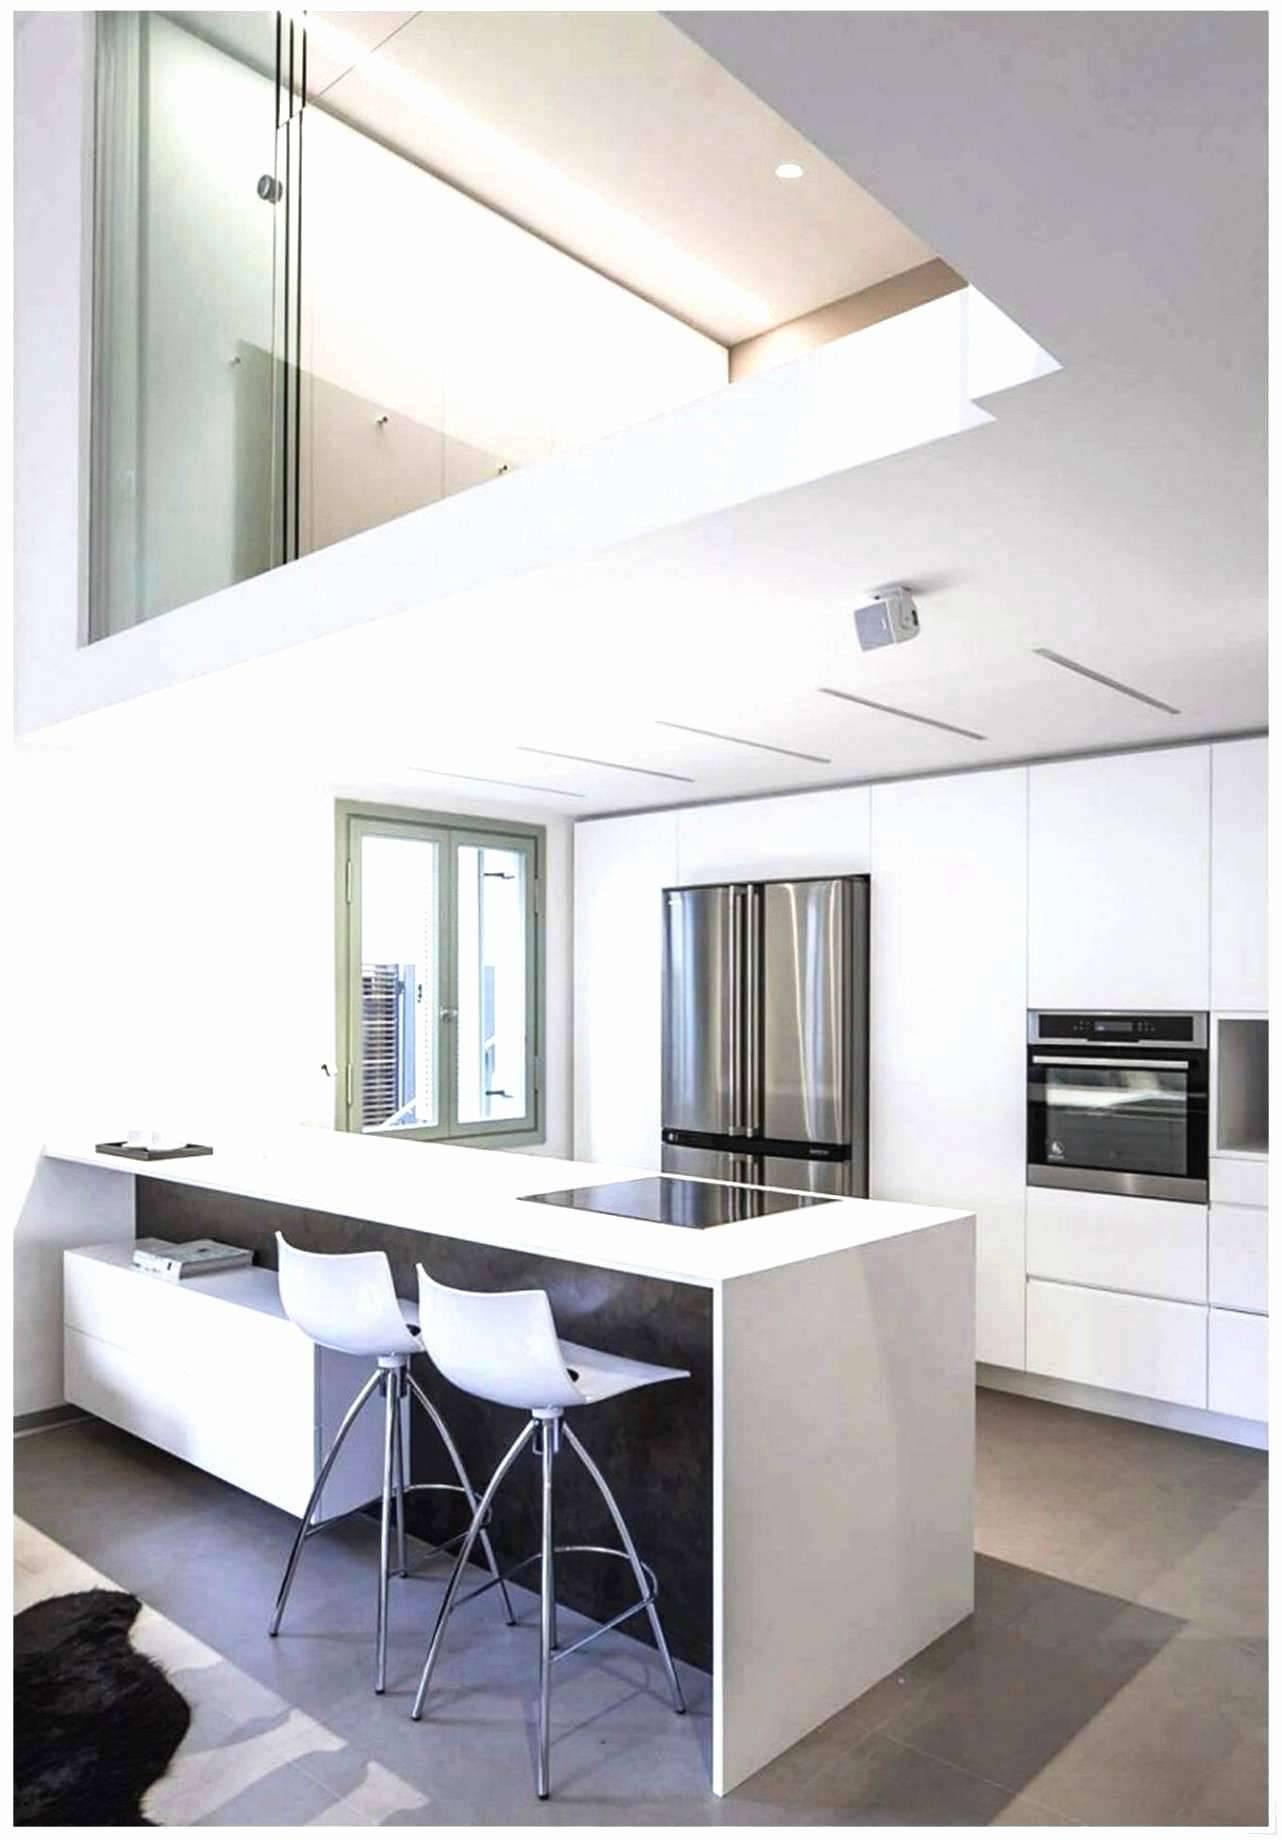 holzbalken wohnzimmer modern beste 48 das beste von deko mit holz bilder of holzbalken wohnzimmer modern